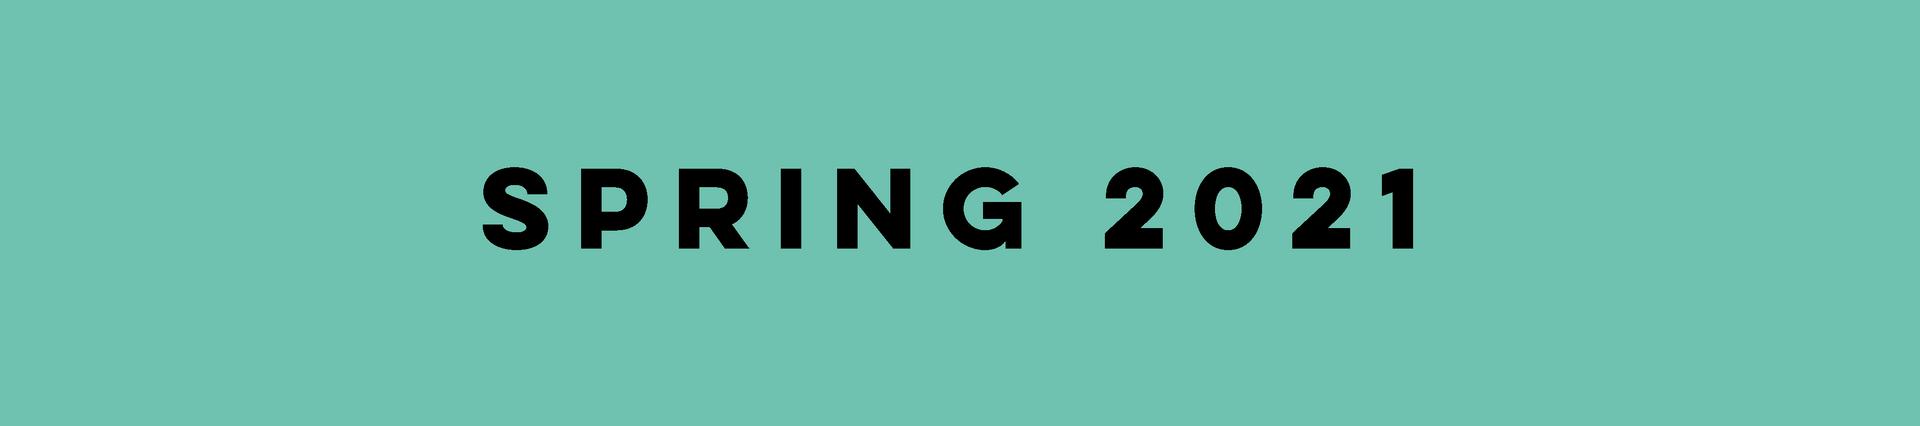 New OGI Spring 2021